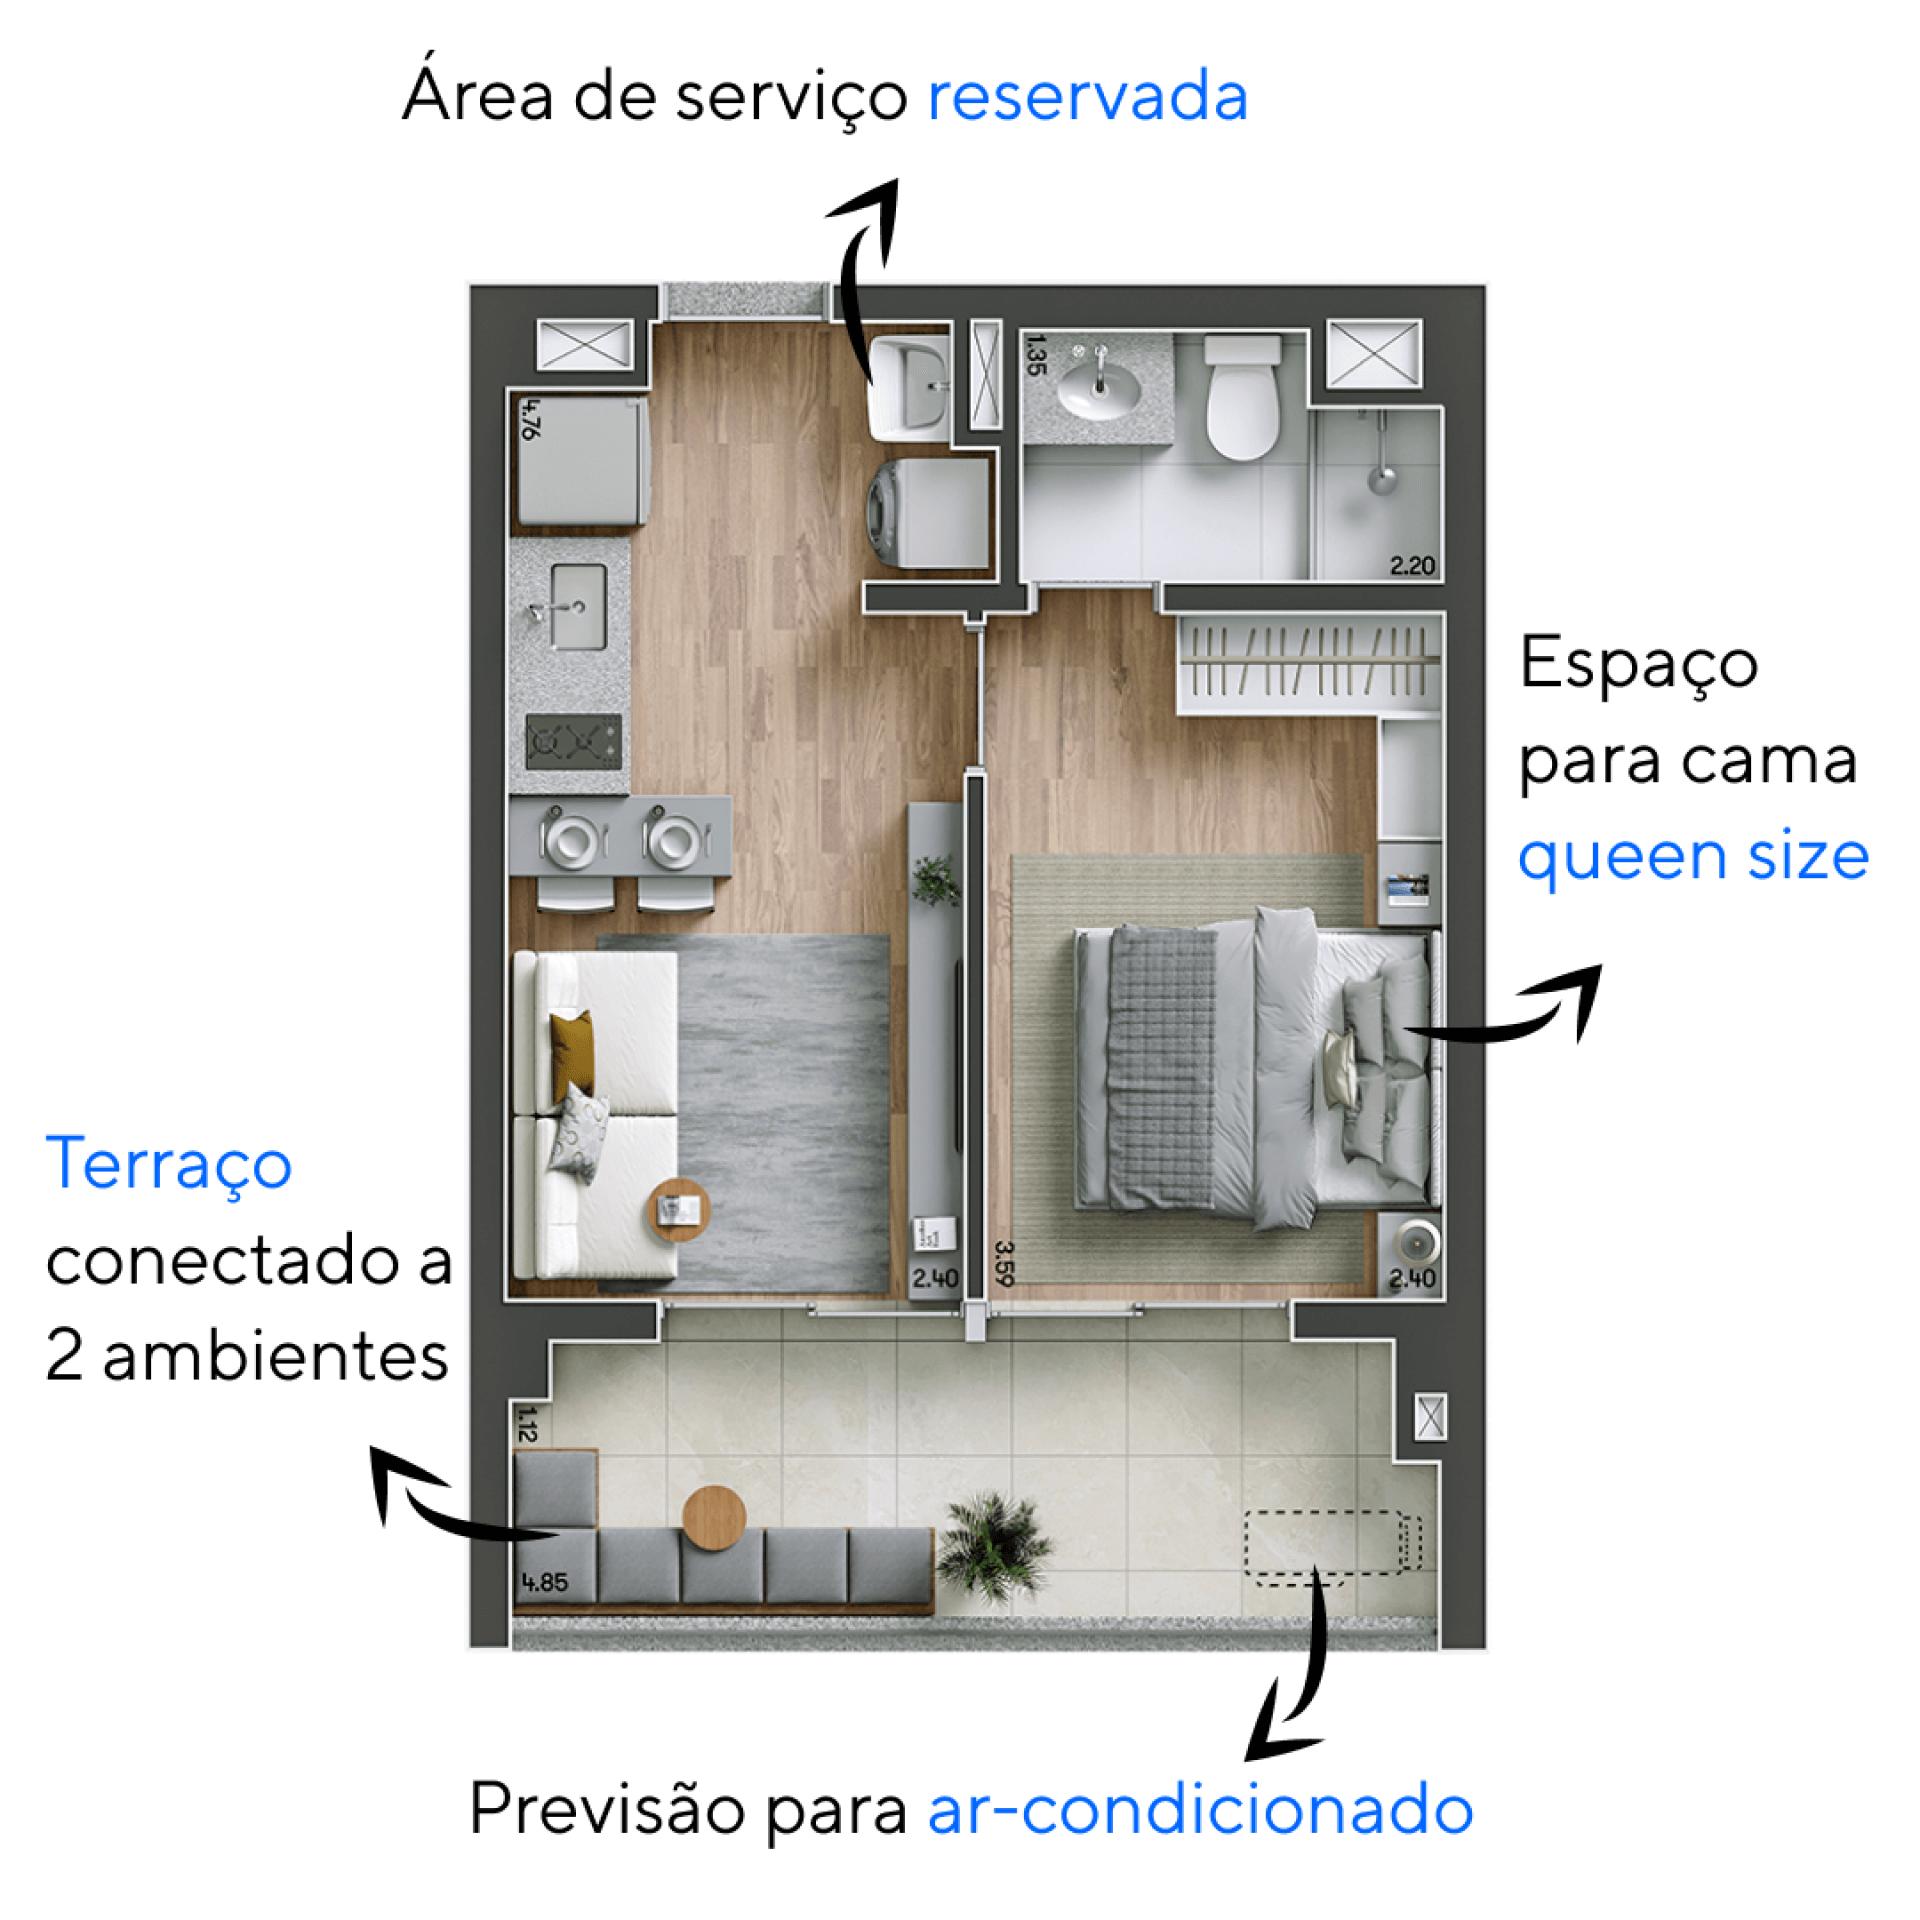 36 M² - 1 SUÍTE. Apartamento do Modo Ipiranga com suíte com espaço para cama queen size. Destaque para o terraço que se conecta a sala de estar, ampliando o espaço social do apartamento.